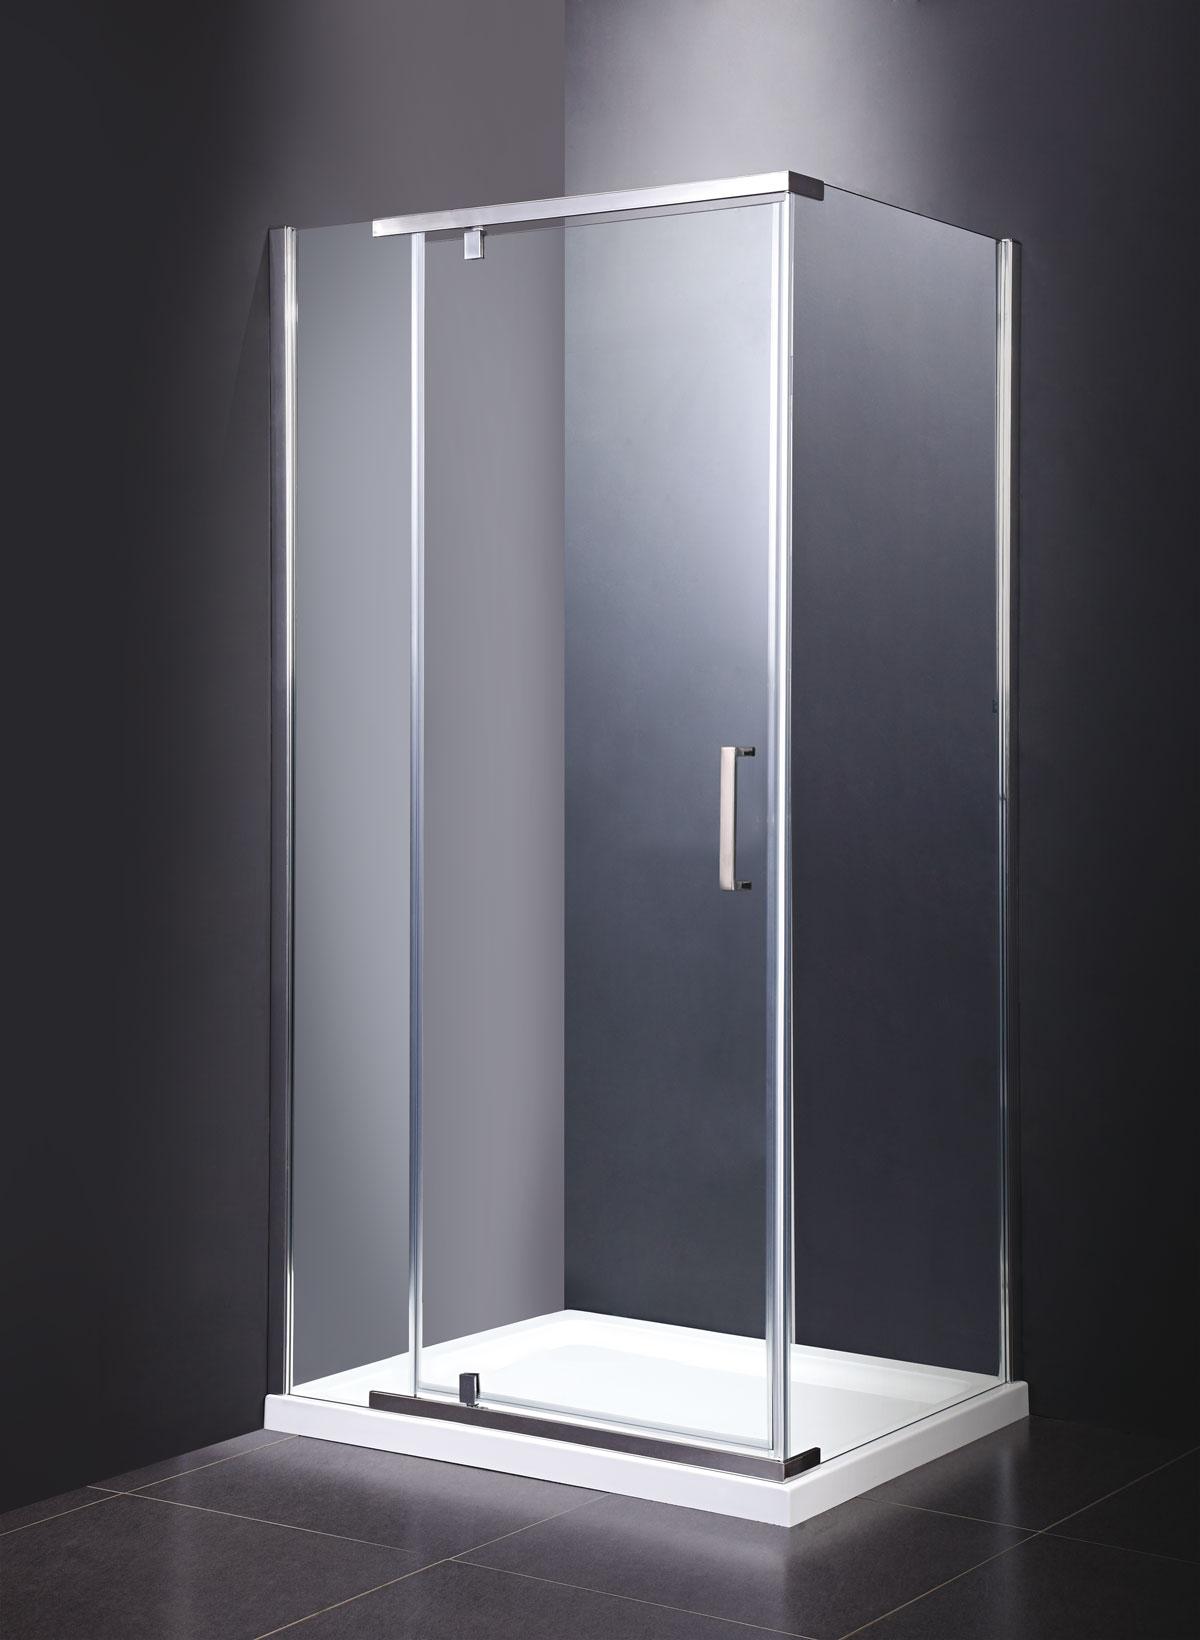 Aqualine KNS 70x70x185 cm szögletes zuhanykabin KNS-C-70 ...